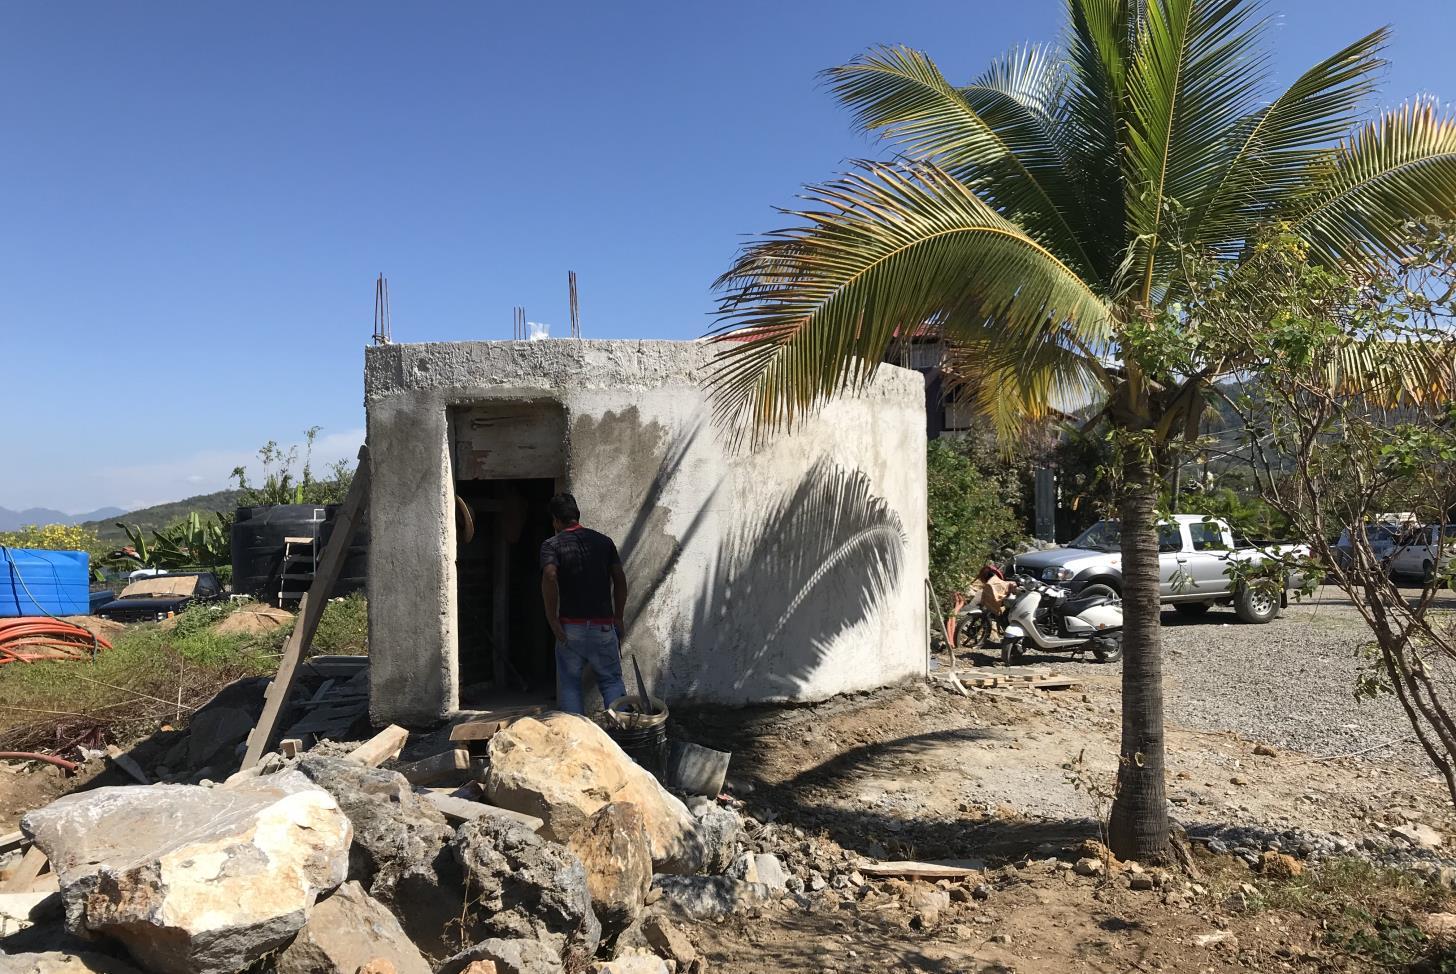 REPORTE-FOTOGRAFICO-PUNTA-MAJAHUA-15-DE-DICIEMBRE-DEL-2017-045.jpg